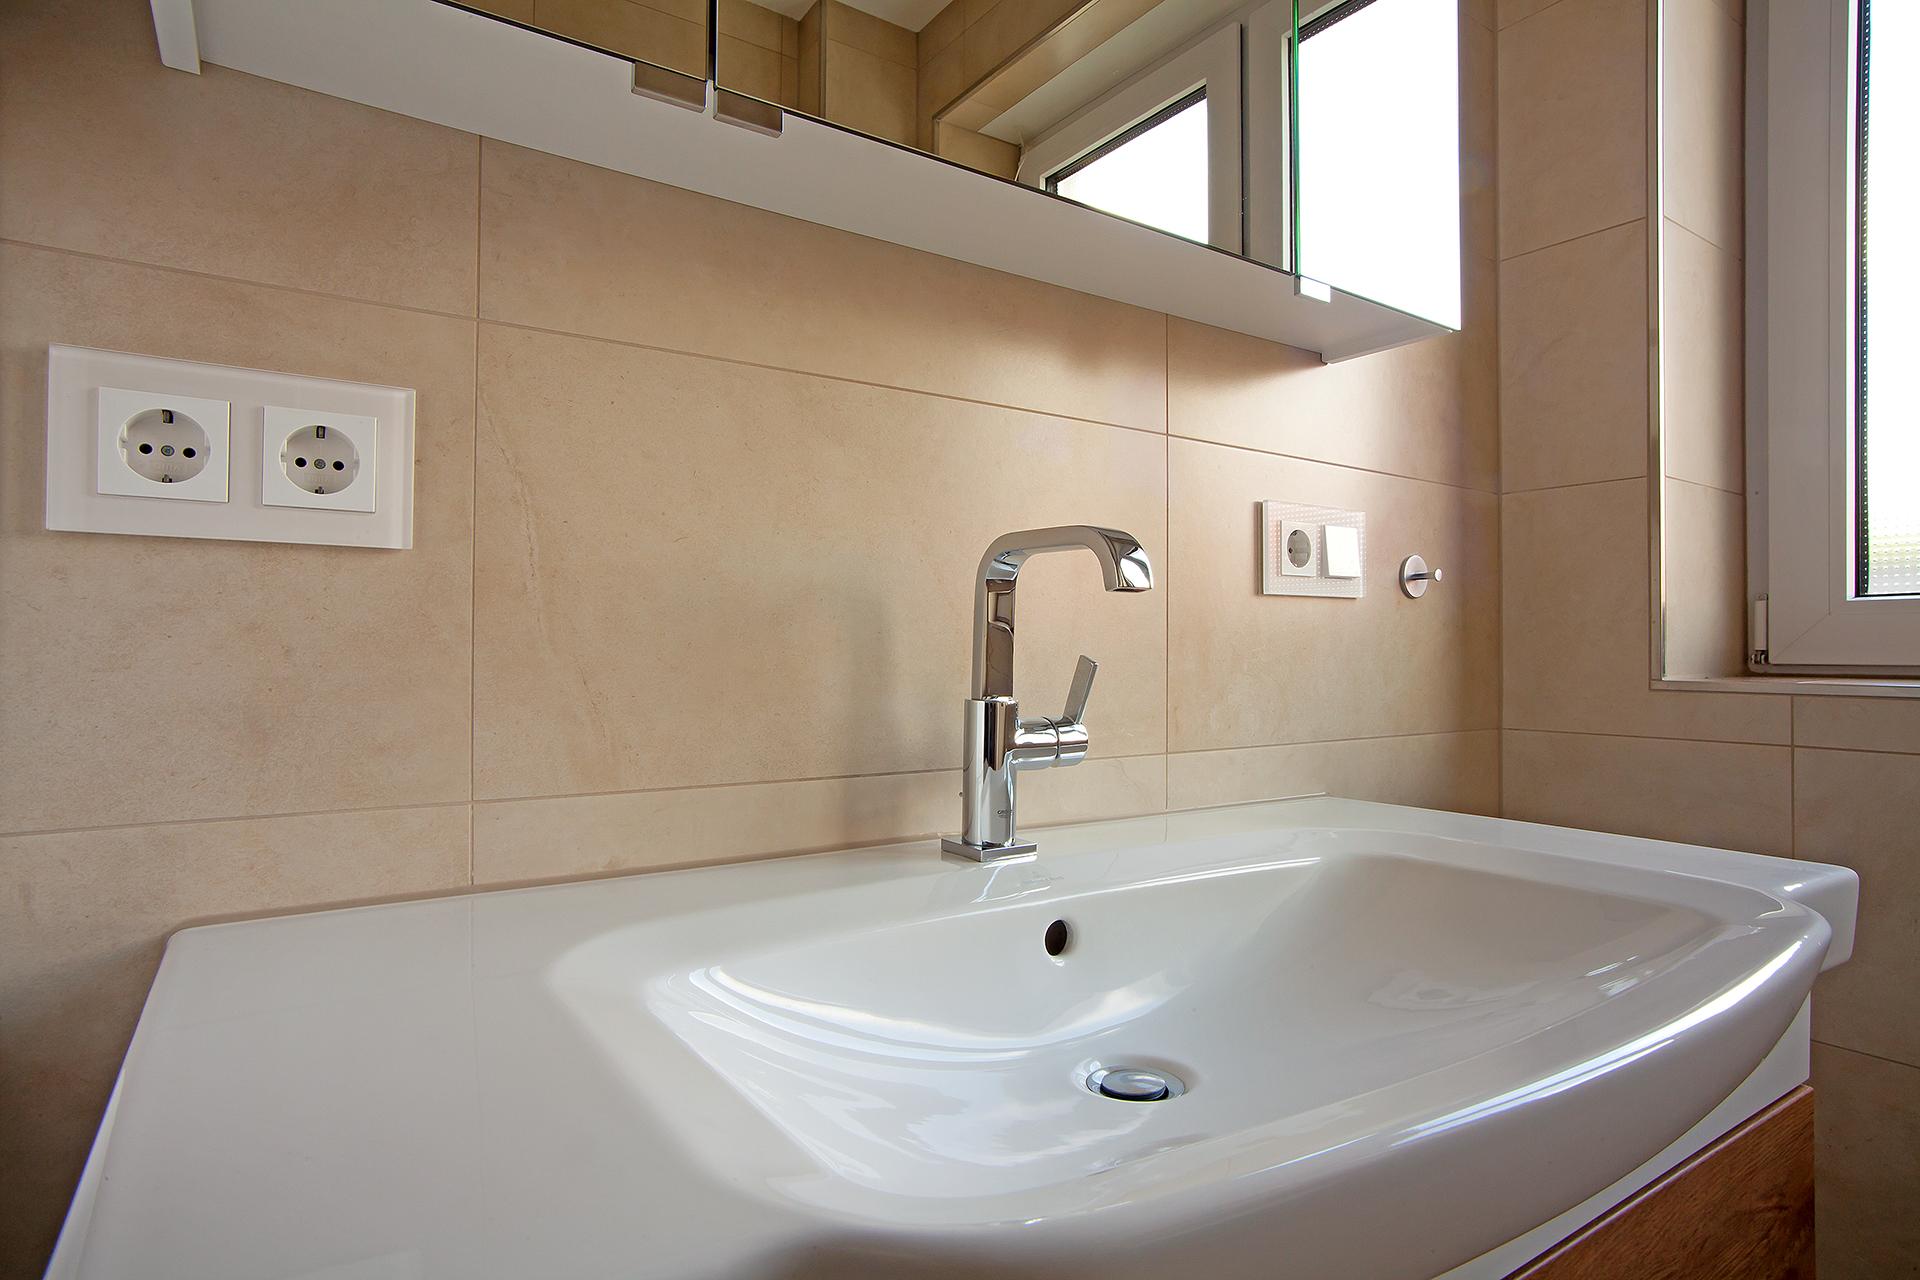 Sanitäranlagen - Waschbecken mit Armatur